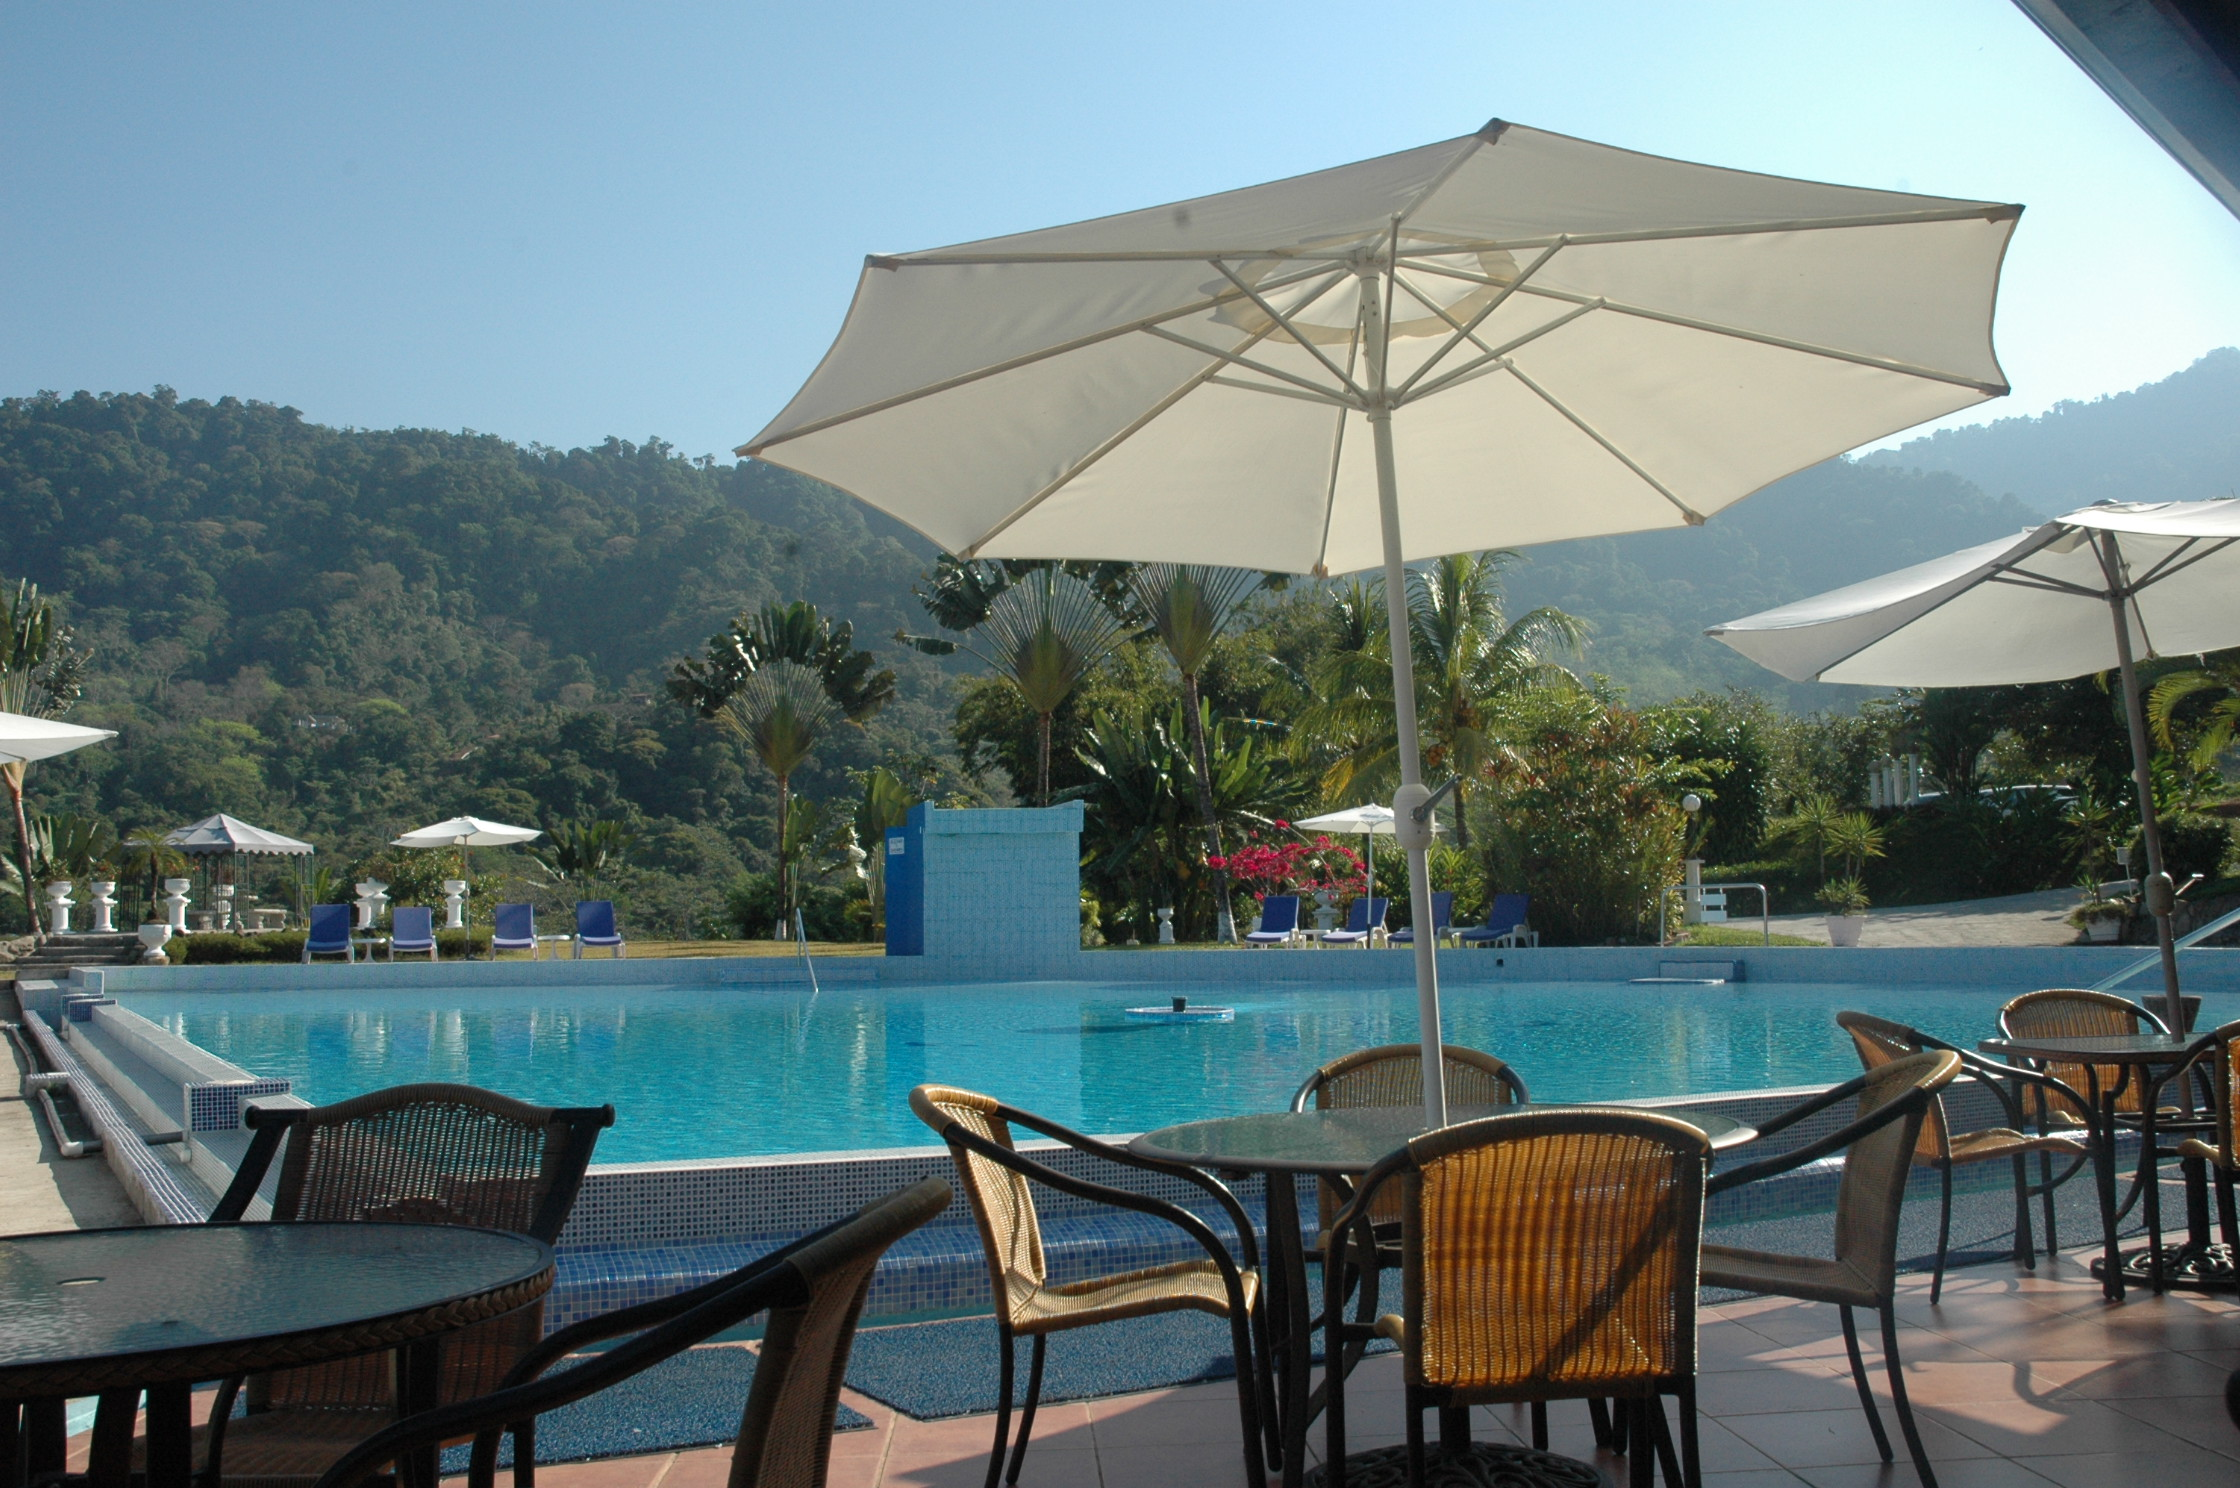 uvita hotel cristal ballena pool umbrella